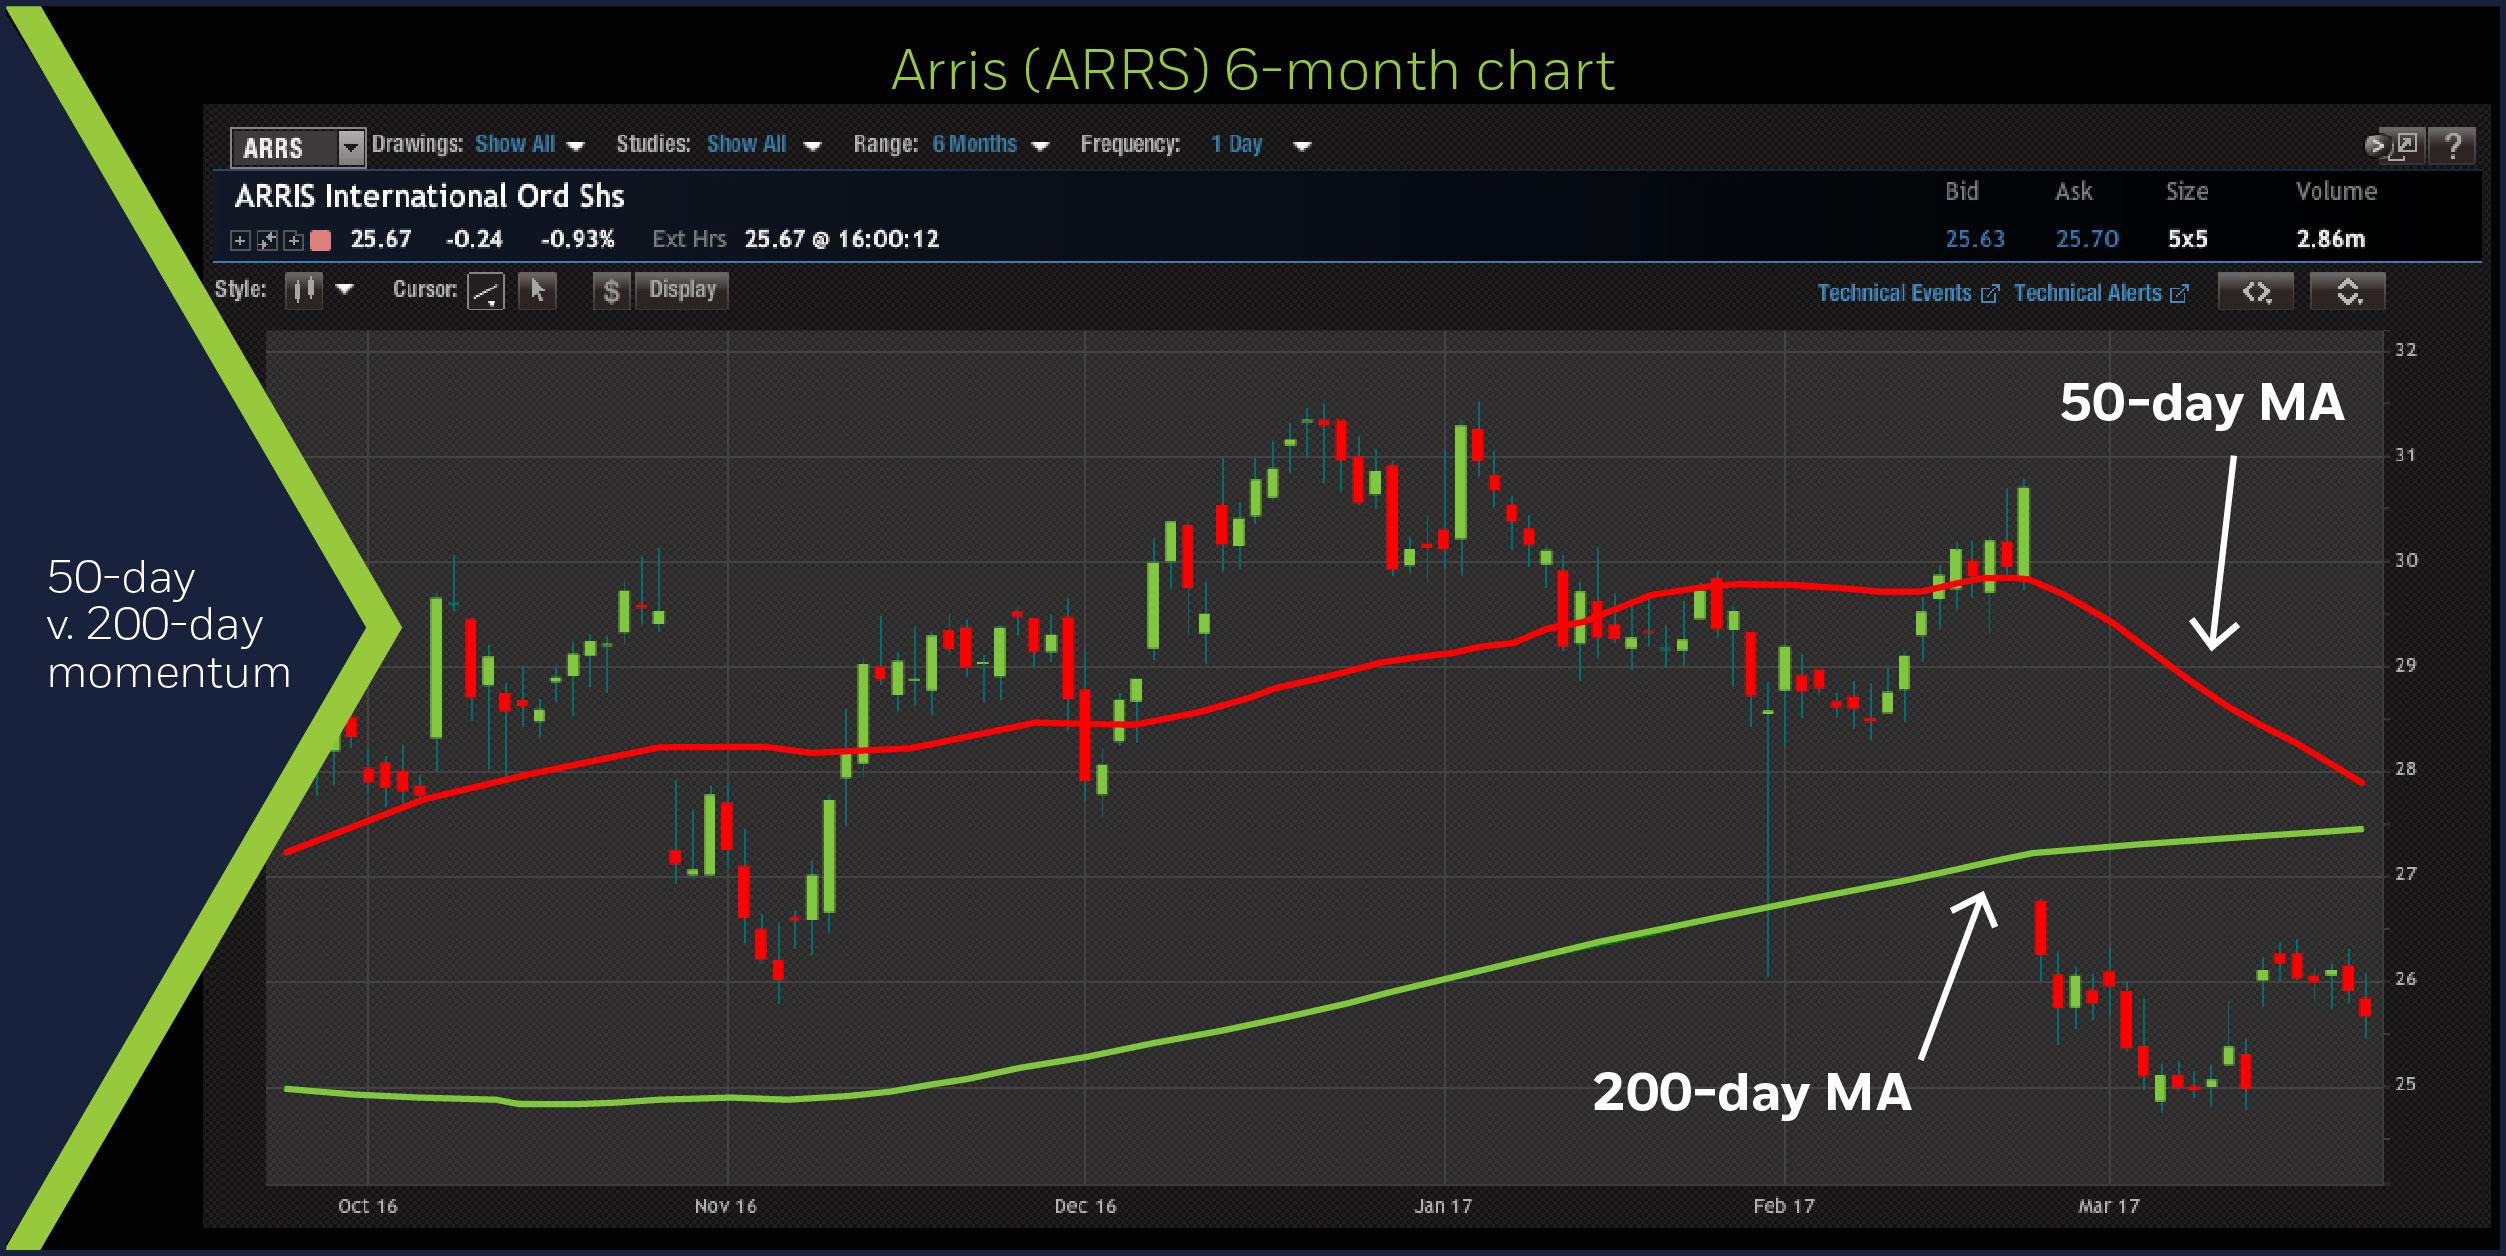 Arris (ARRS) 6-month chart